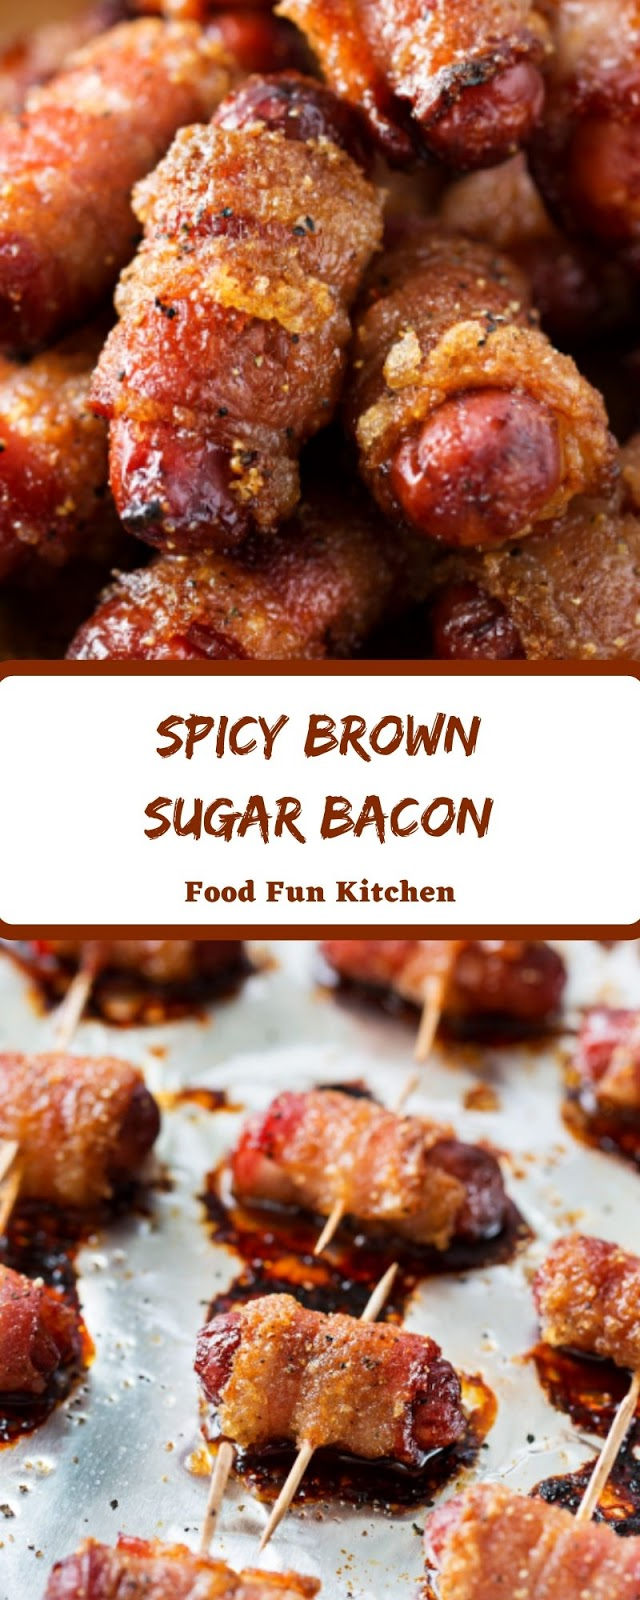 SPICY BROWN SUGAR BACON